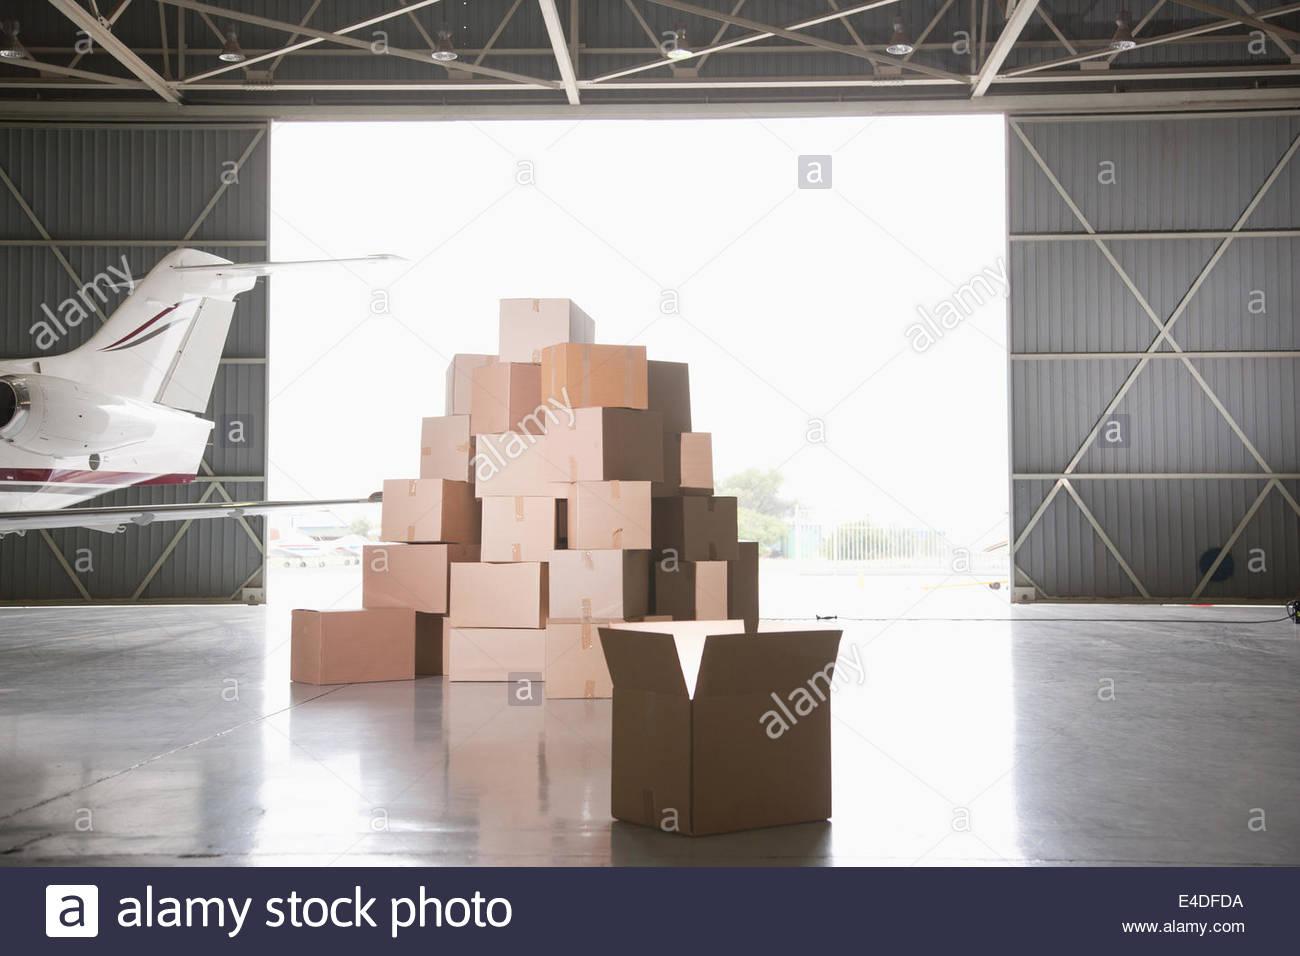 Stapel von Kisten im hangar Stockbild